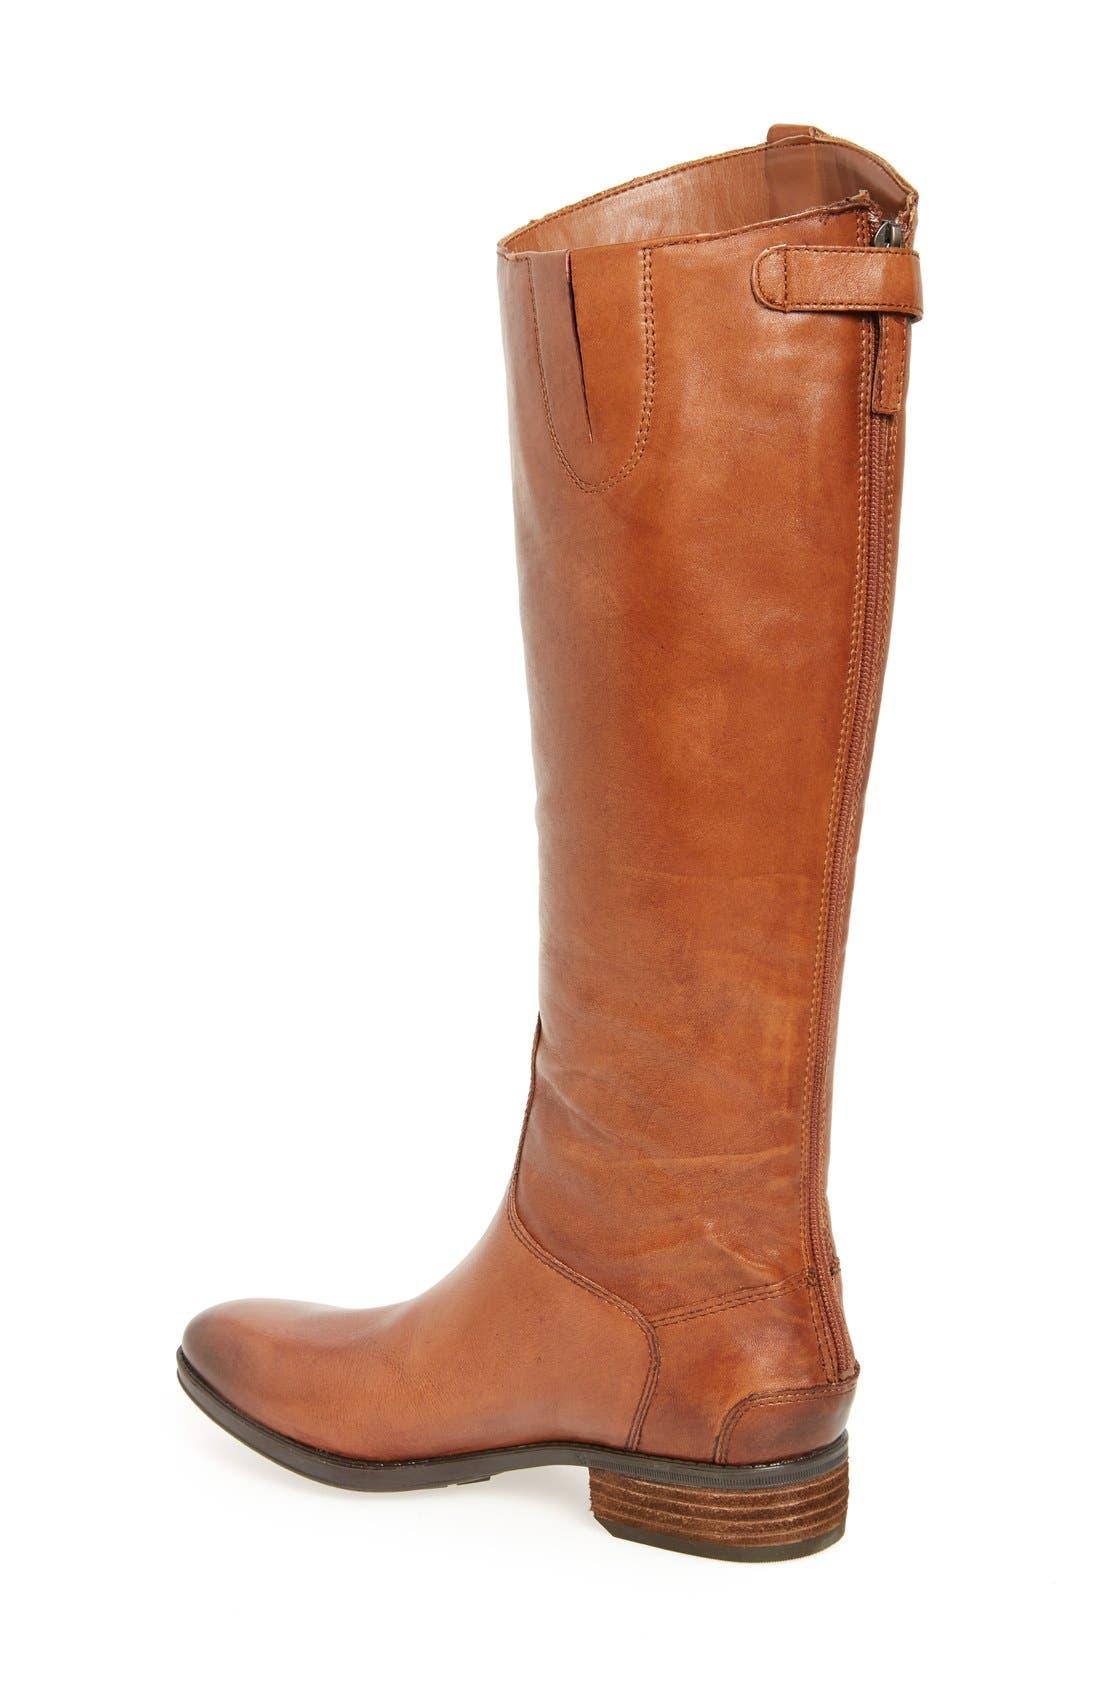 3af100a33af Knee-High   Tall Boots for Women